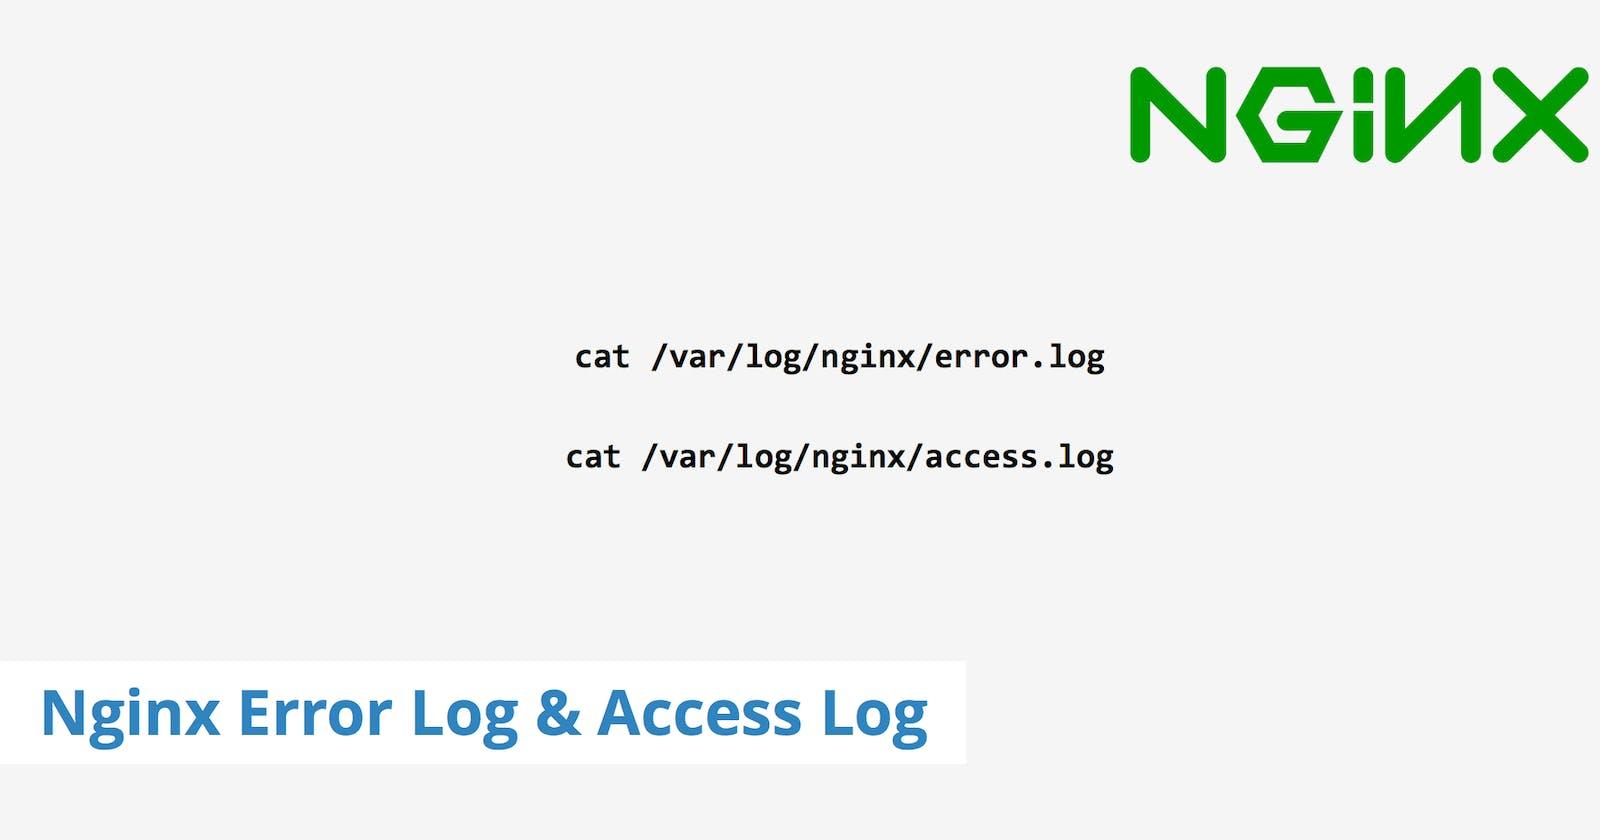 Mengubah Log pada Nginx Menjadi Mudah di Kelola